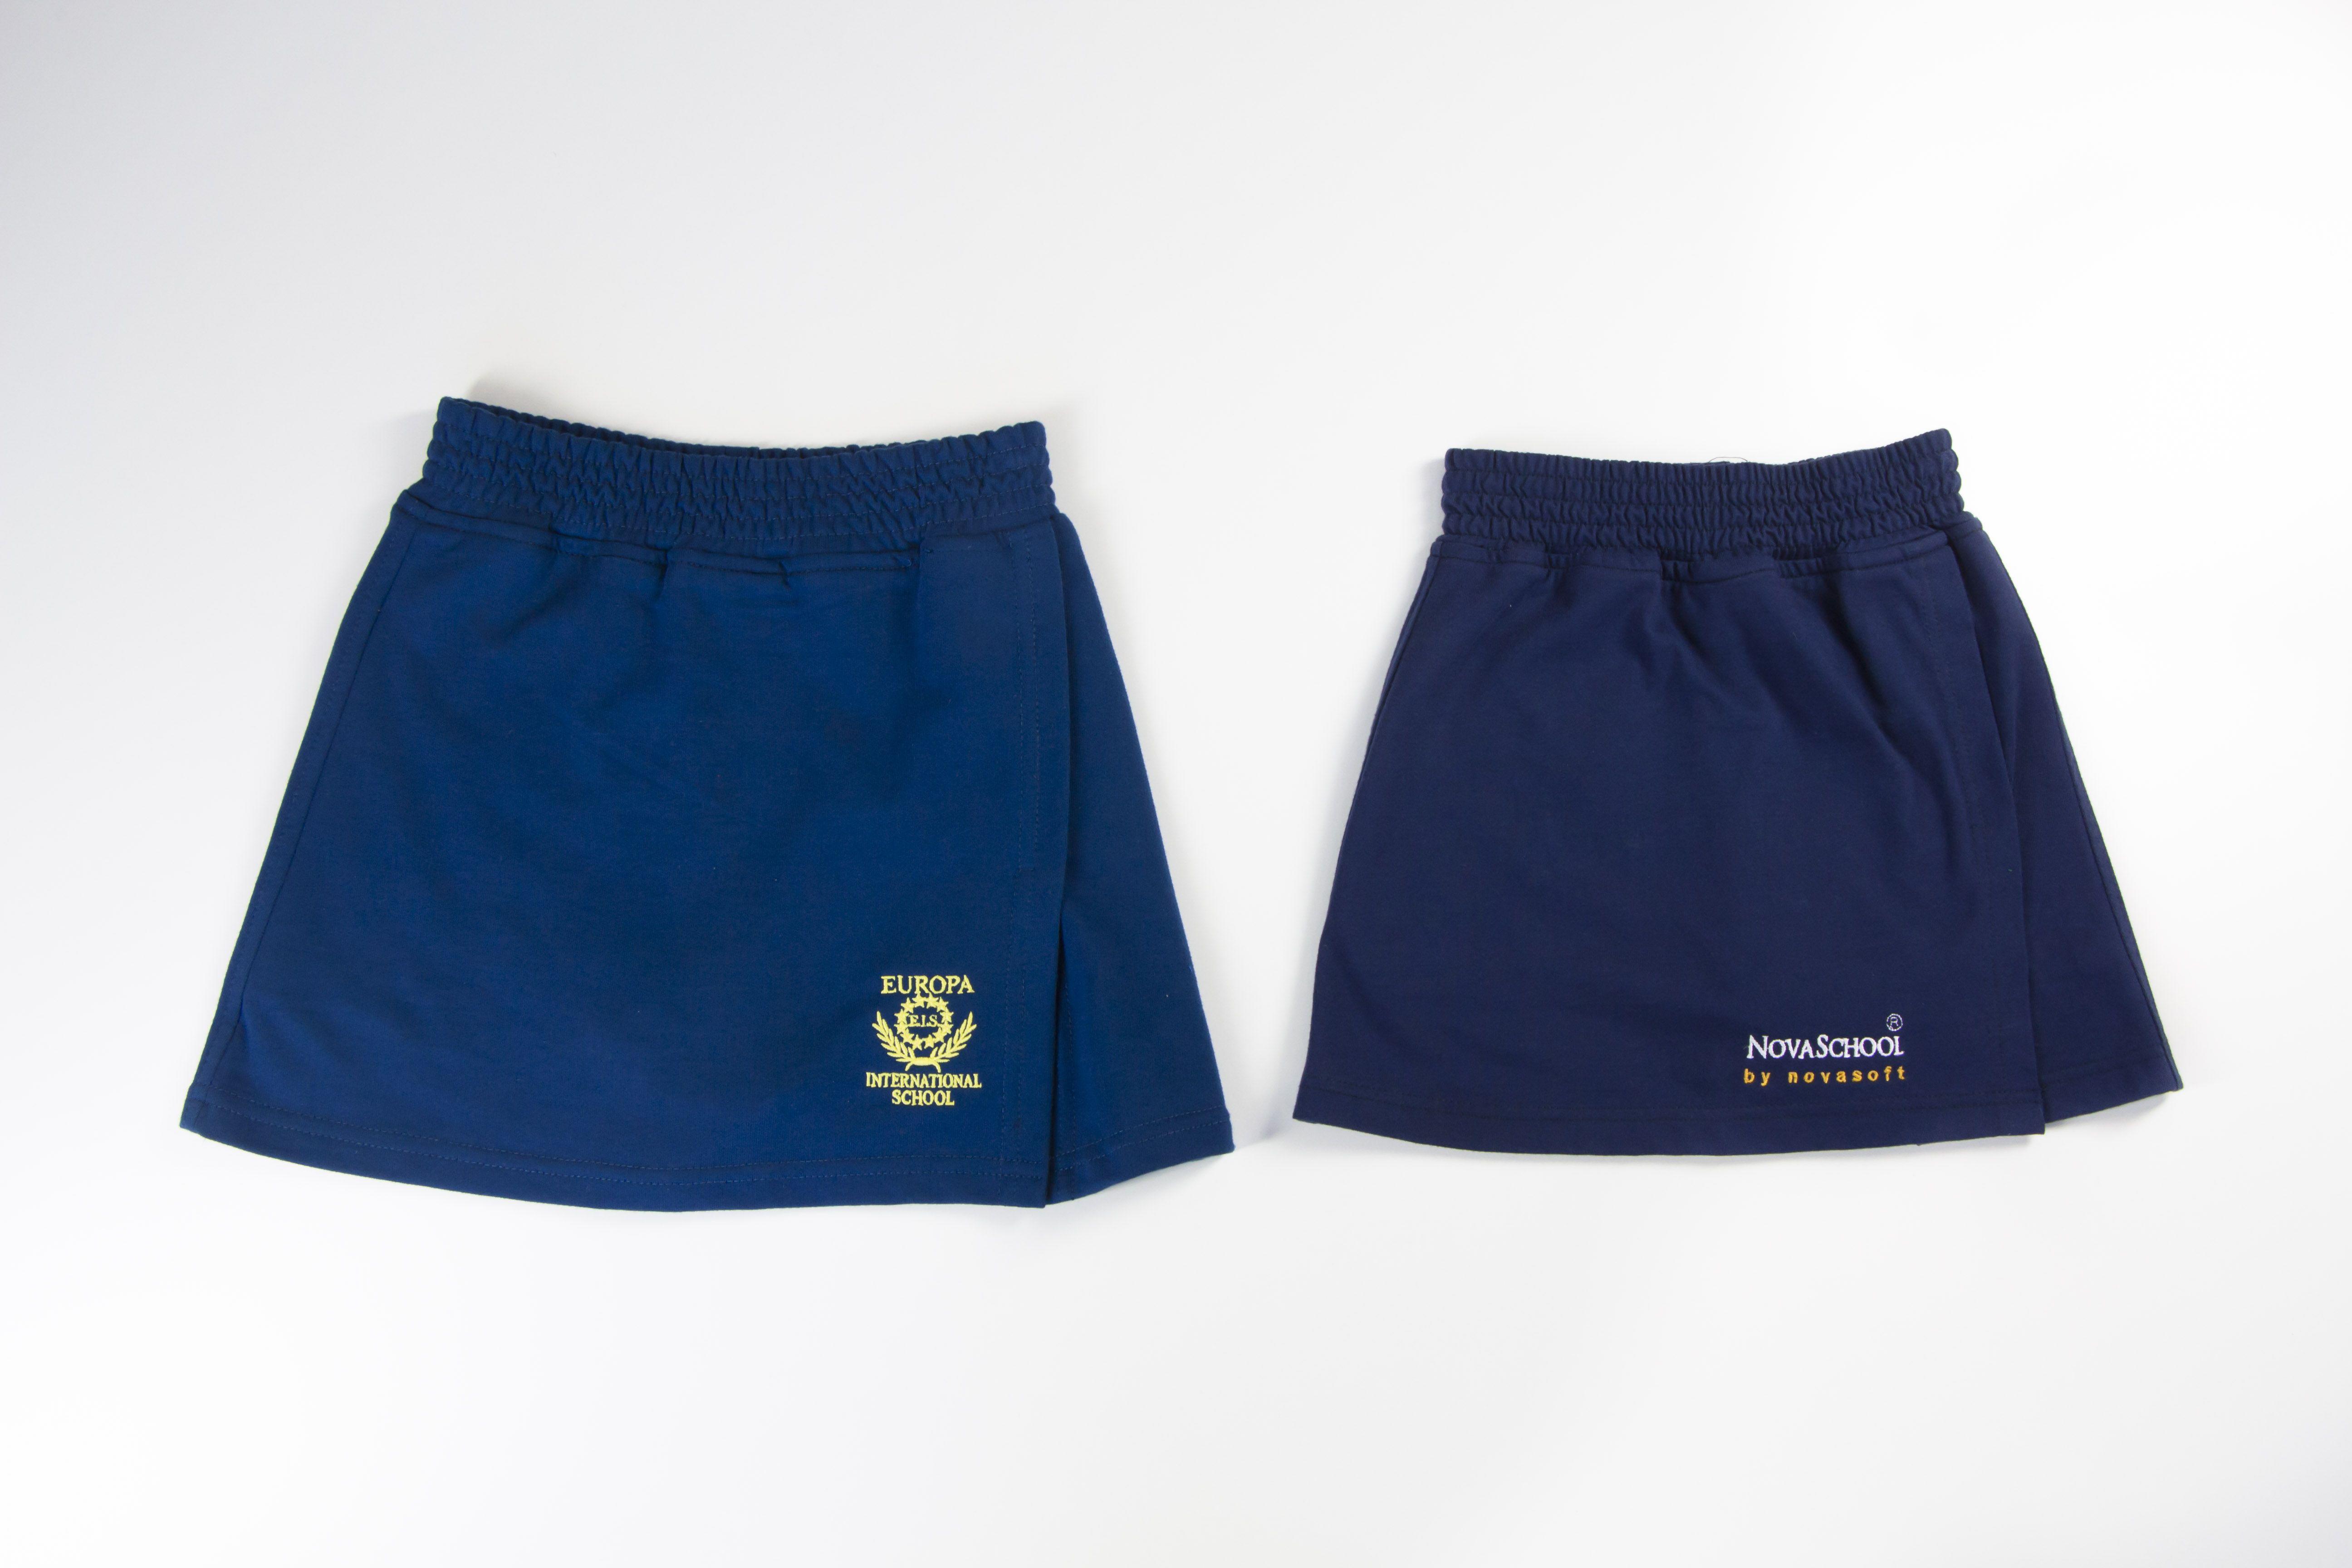 f084b01f76 La falda pantalón de Camacho Uniformes Escolares otorga una mayor movilidad  y comodidad a las niñas en su día a día escolar.